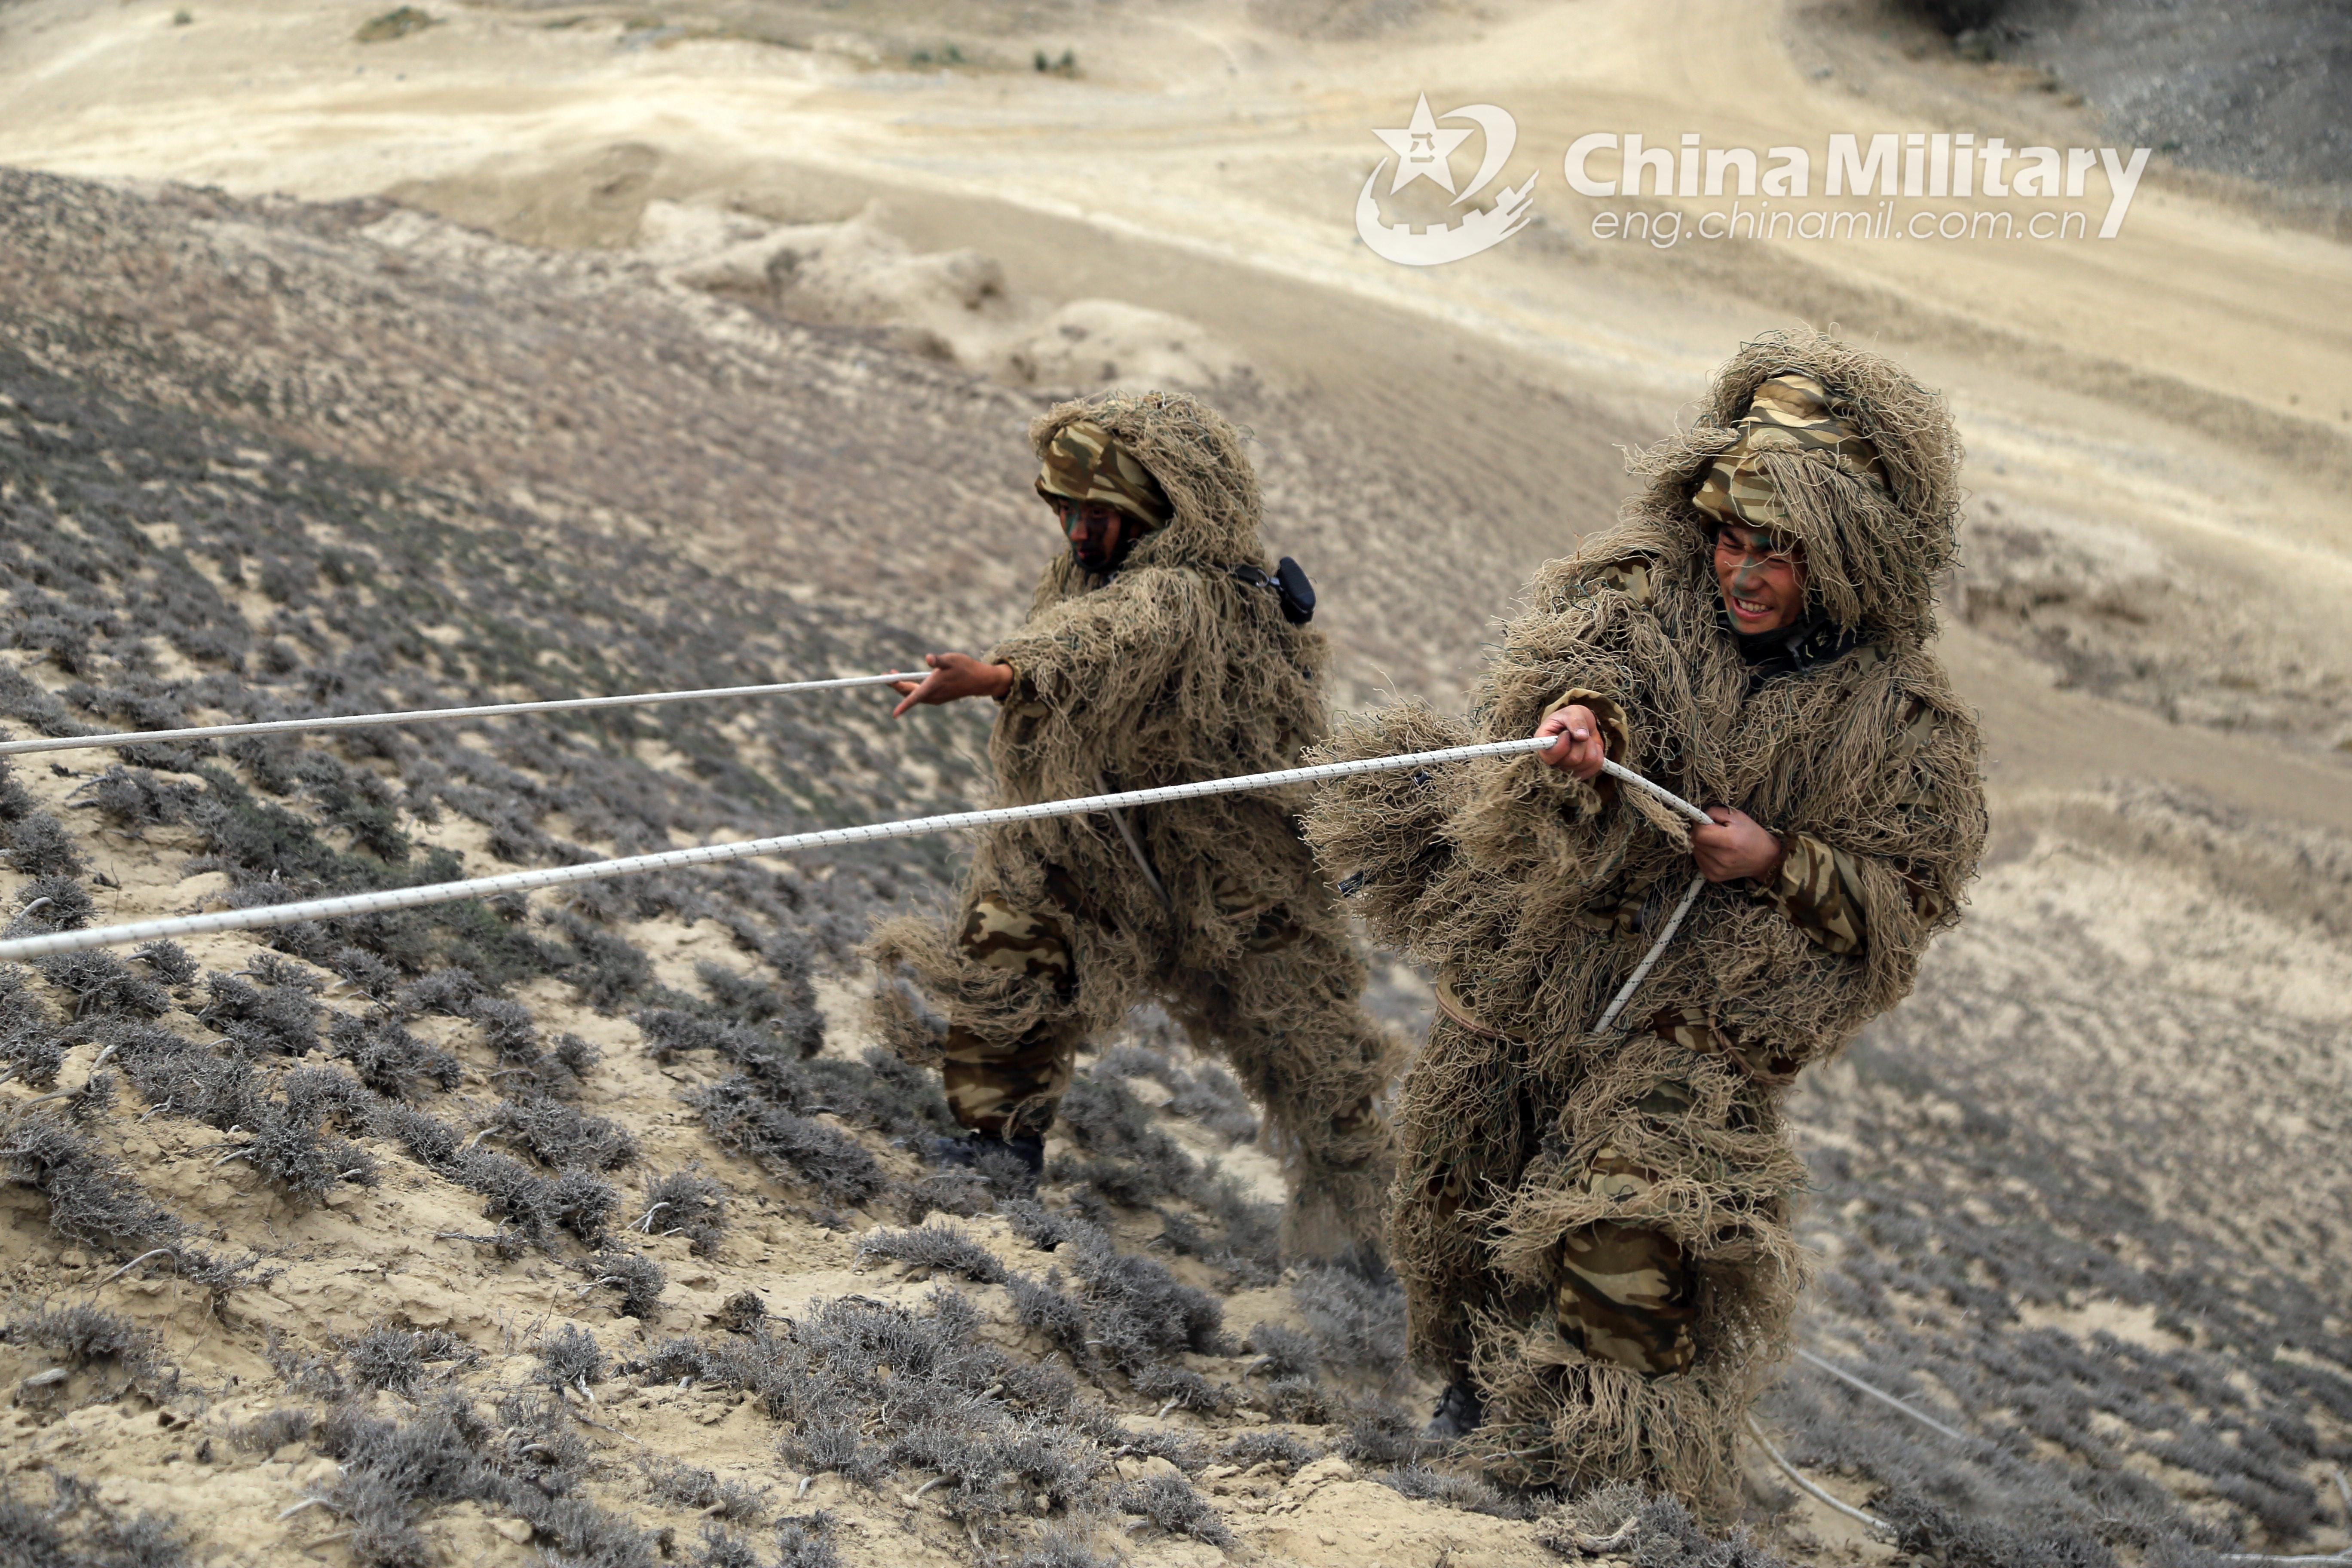 这伪装绝了!新疆军区侦察兵穿吉利服与沙土融为一体